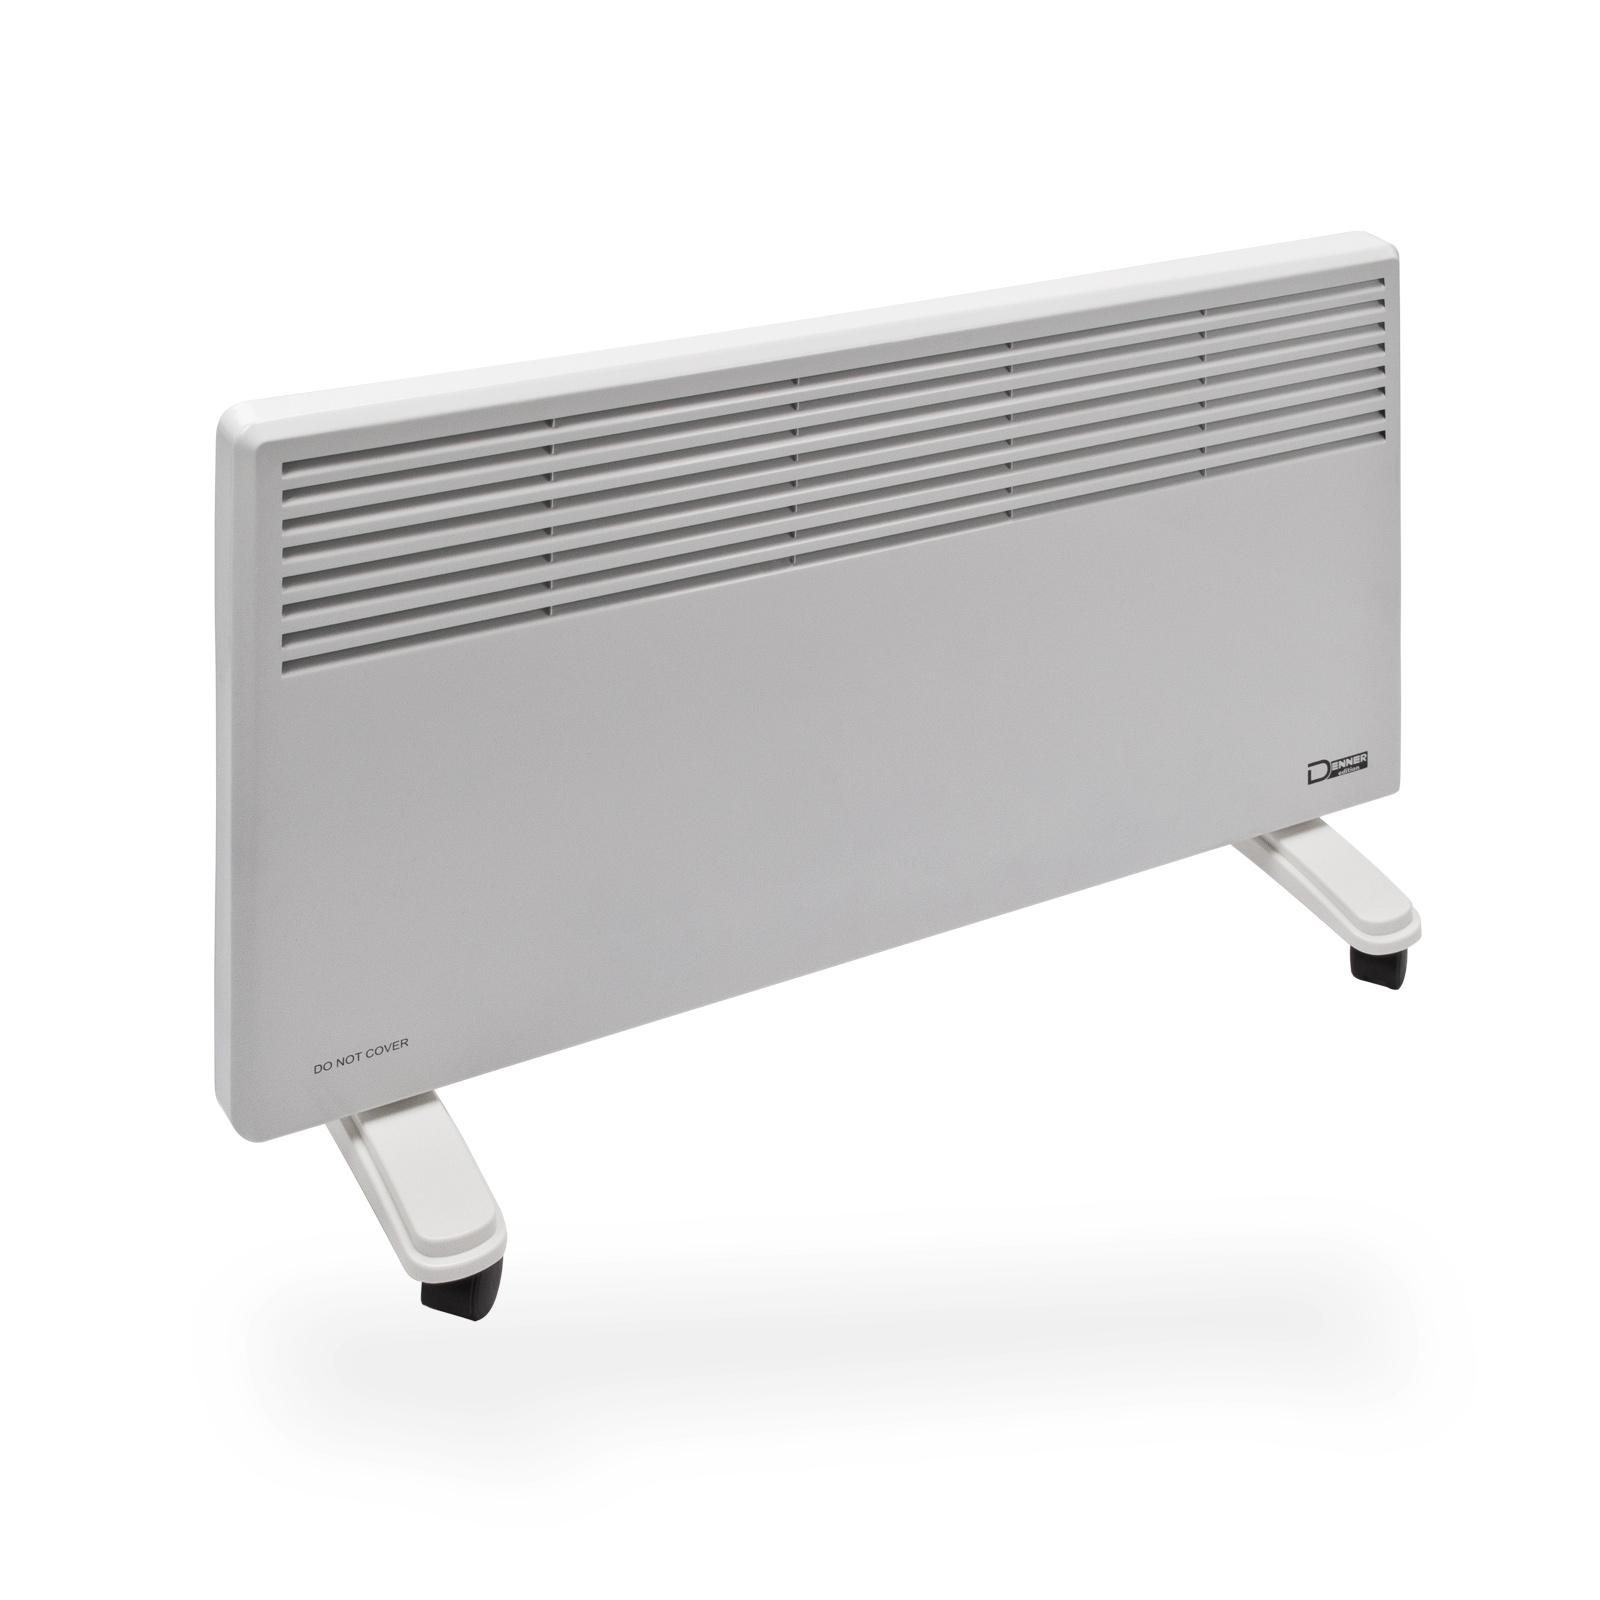 Stromverbrauch Elektroheizung 2000w : konvektor heizk rper elektroheizung rh 2000w ~ Orissabook.com Haus und Dekorationen